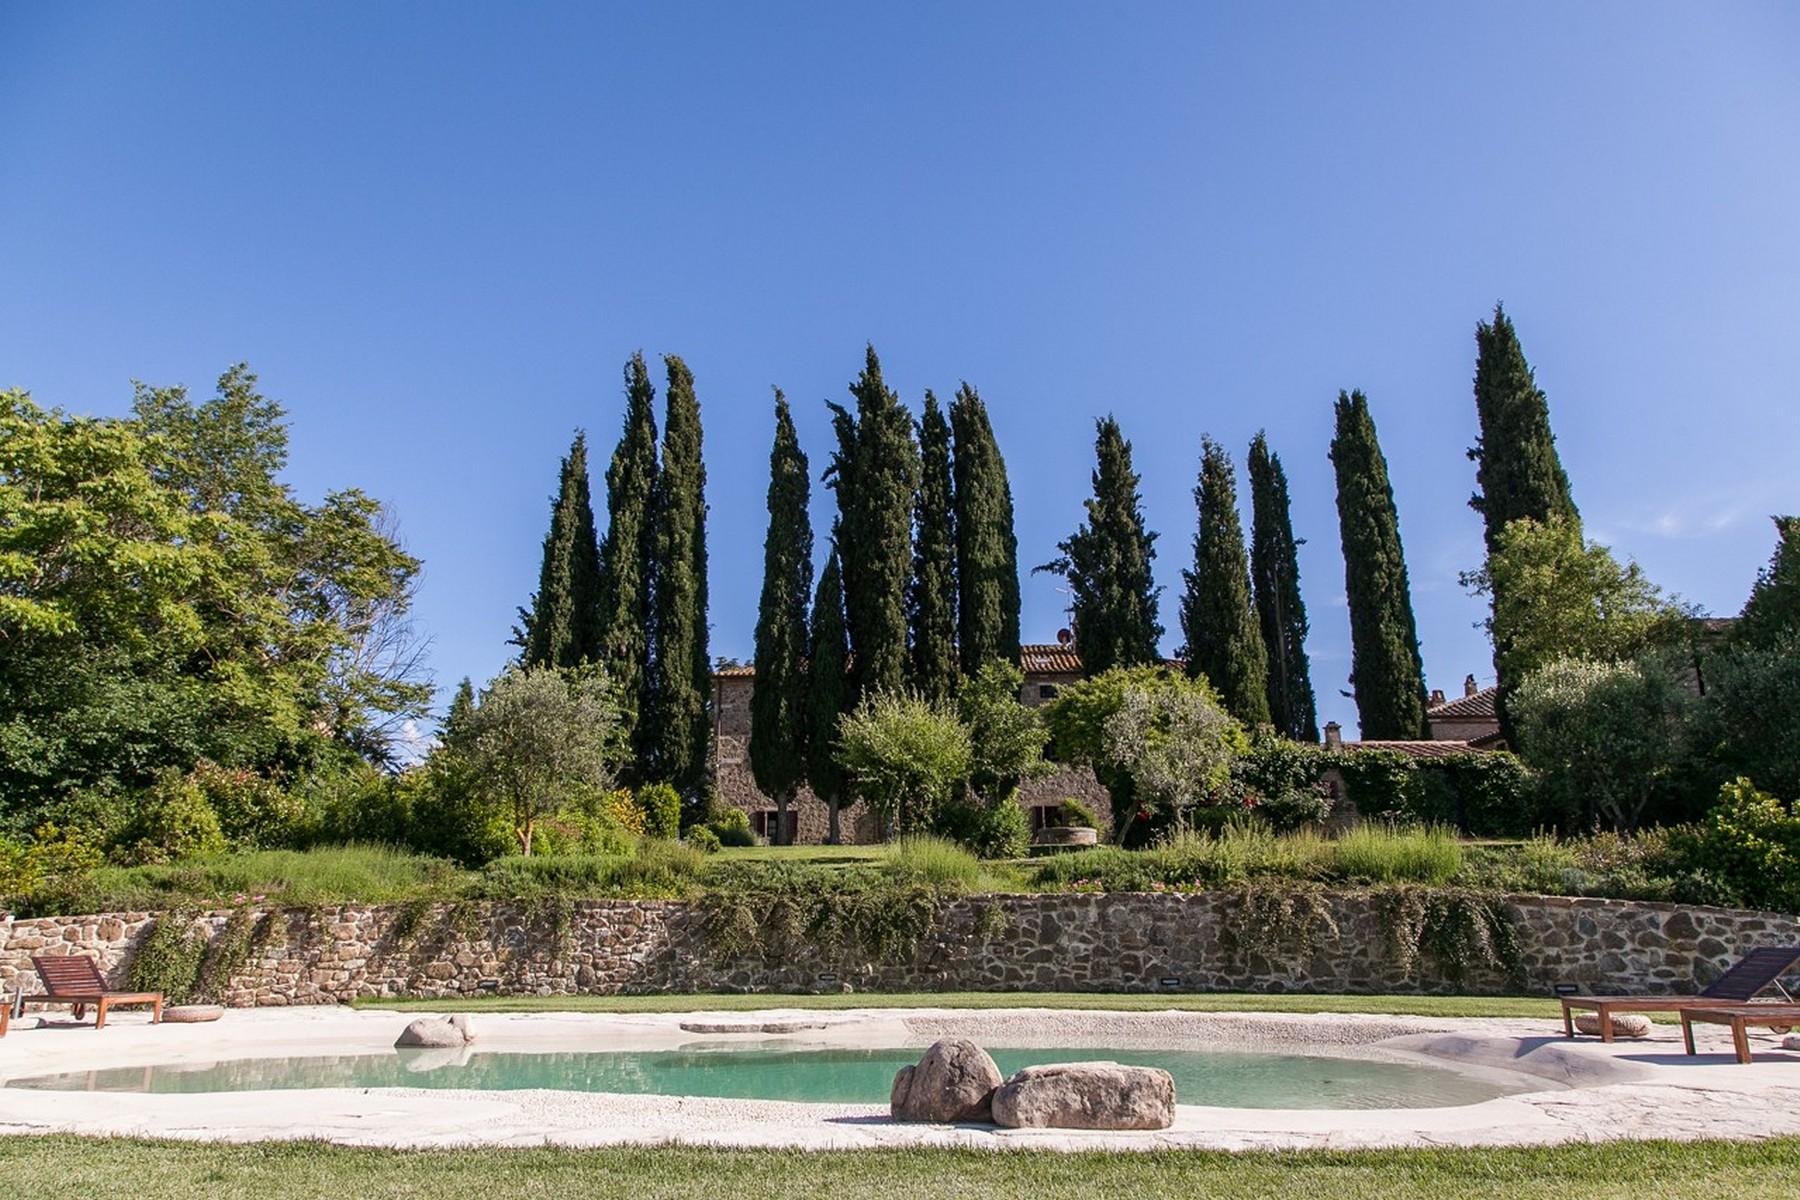 Rustico in Vendita a Montalcino: 5 locali, 900 mq - Foto 6